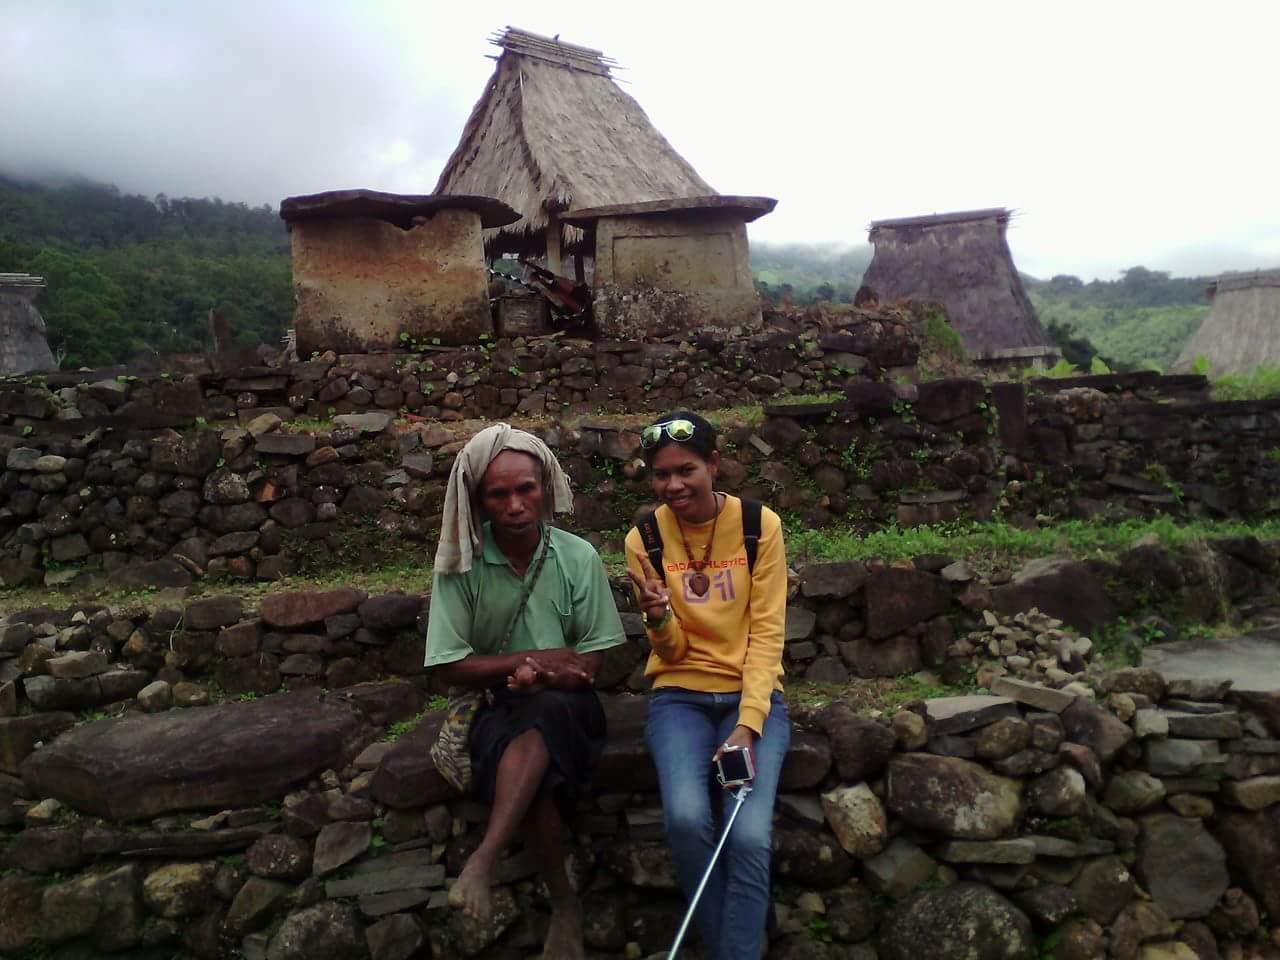 Seorang wisatawan lokal foto bersama bapak  Aloysius Leta, tokoh adat dan seniman lokal dengan back ground rumah penyimpanan benda – benda peninggalan leluhur dan tempat dilakukan upacara adat.